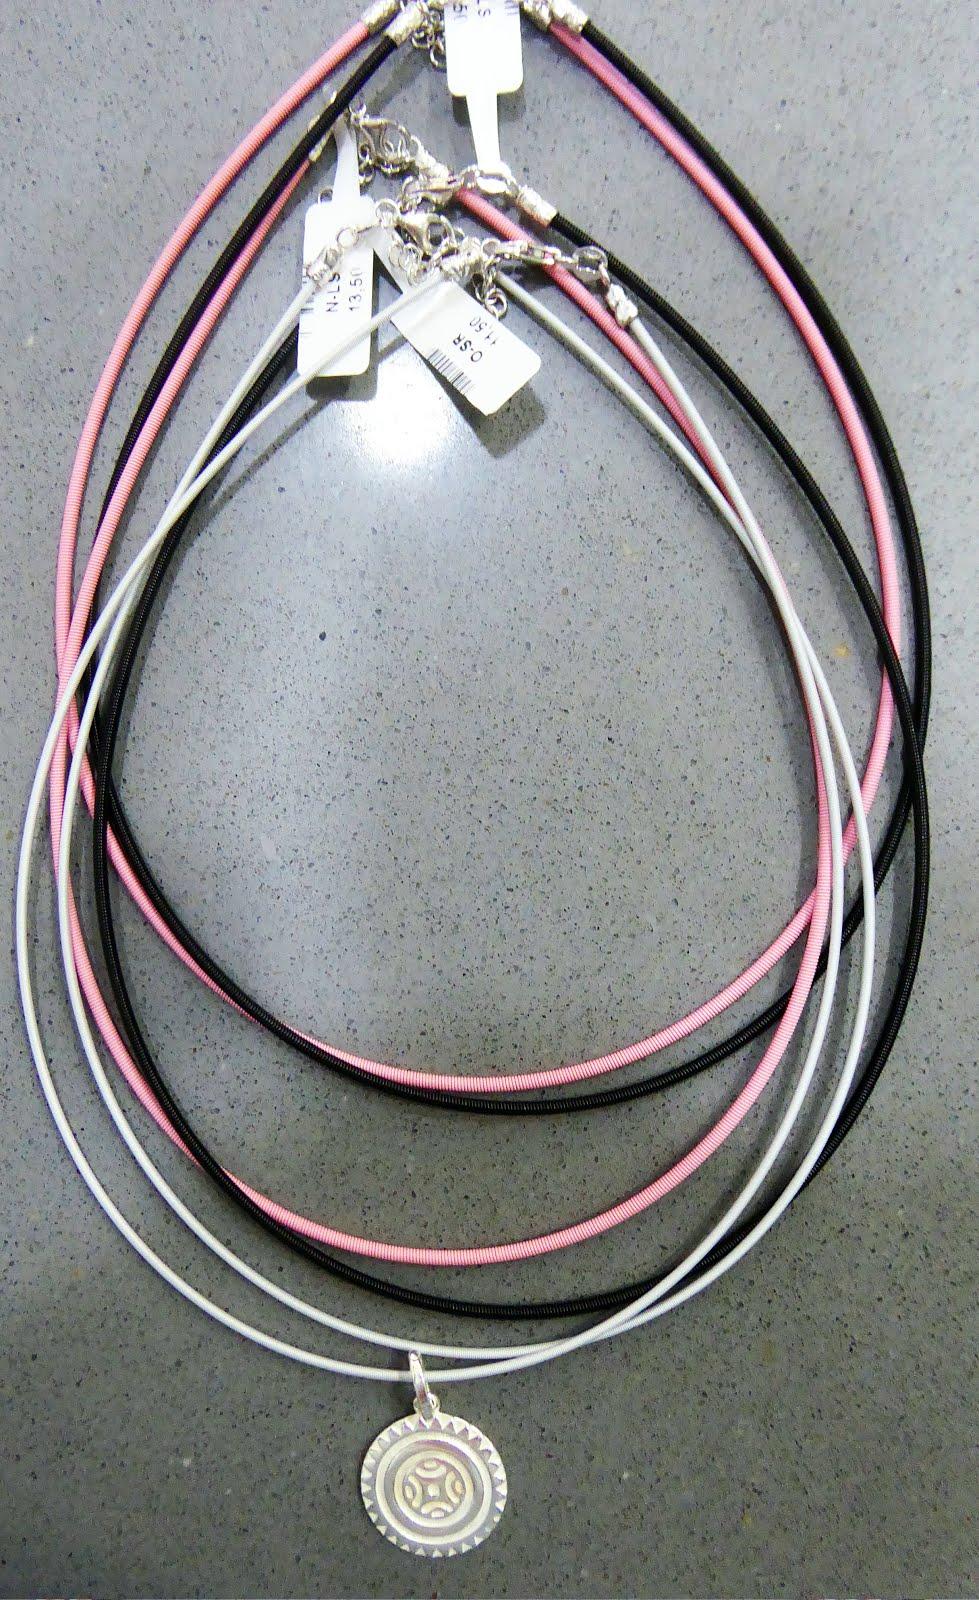 Nuevos cordones de nylon y acero con cierre de plata.